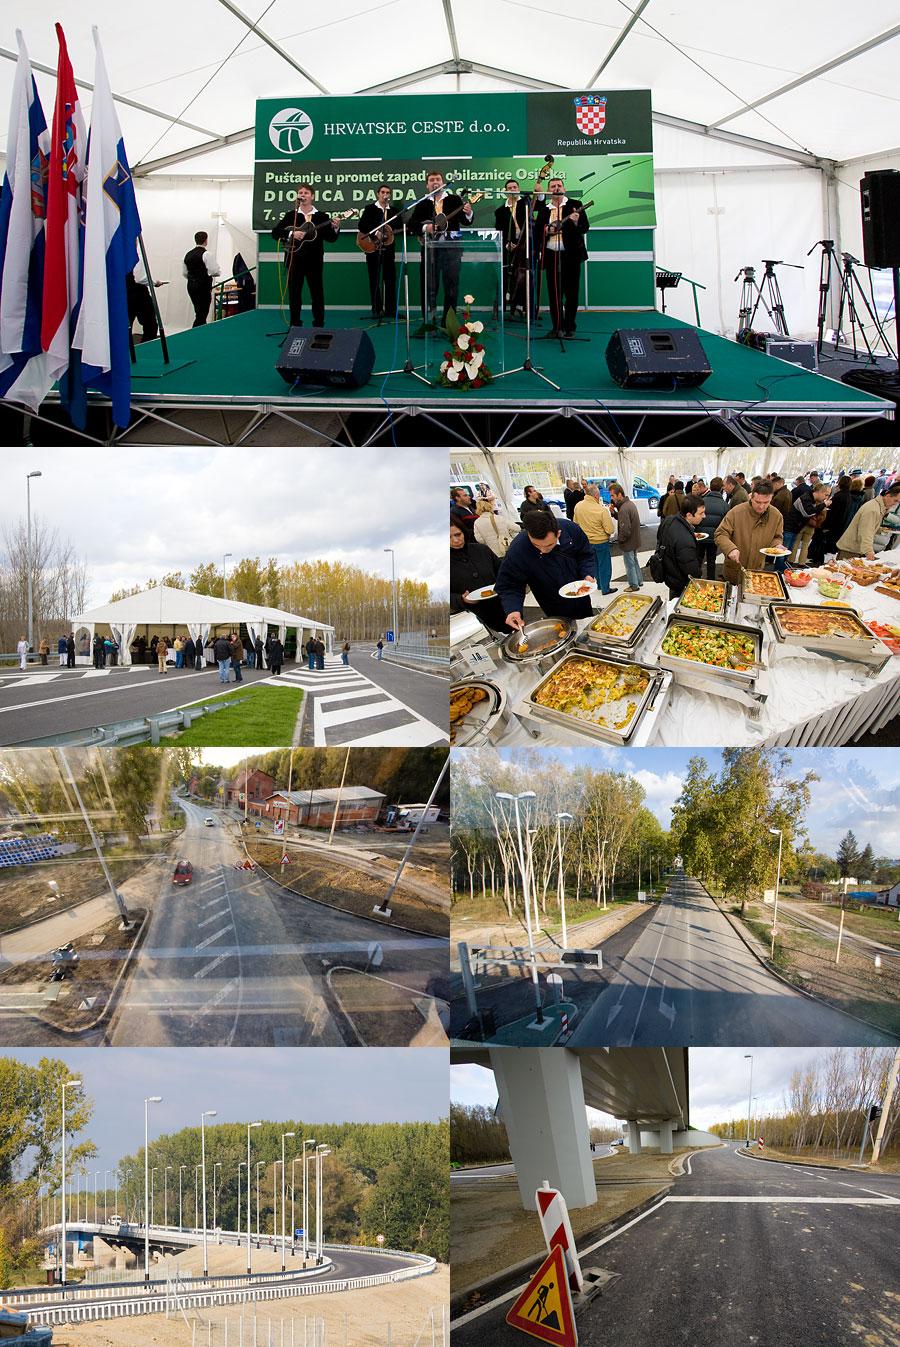 Zapadna obilaznica - puštanje u promet  Hrvatske ceste jučer su organizirale svečanost i domjenak za uzvanike povodom puštanja u promet zapadne osječke obilaznice - ceste Osijek-Darda.  Iako je cesta jučer službeno puštena u promet,